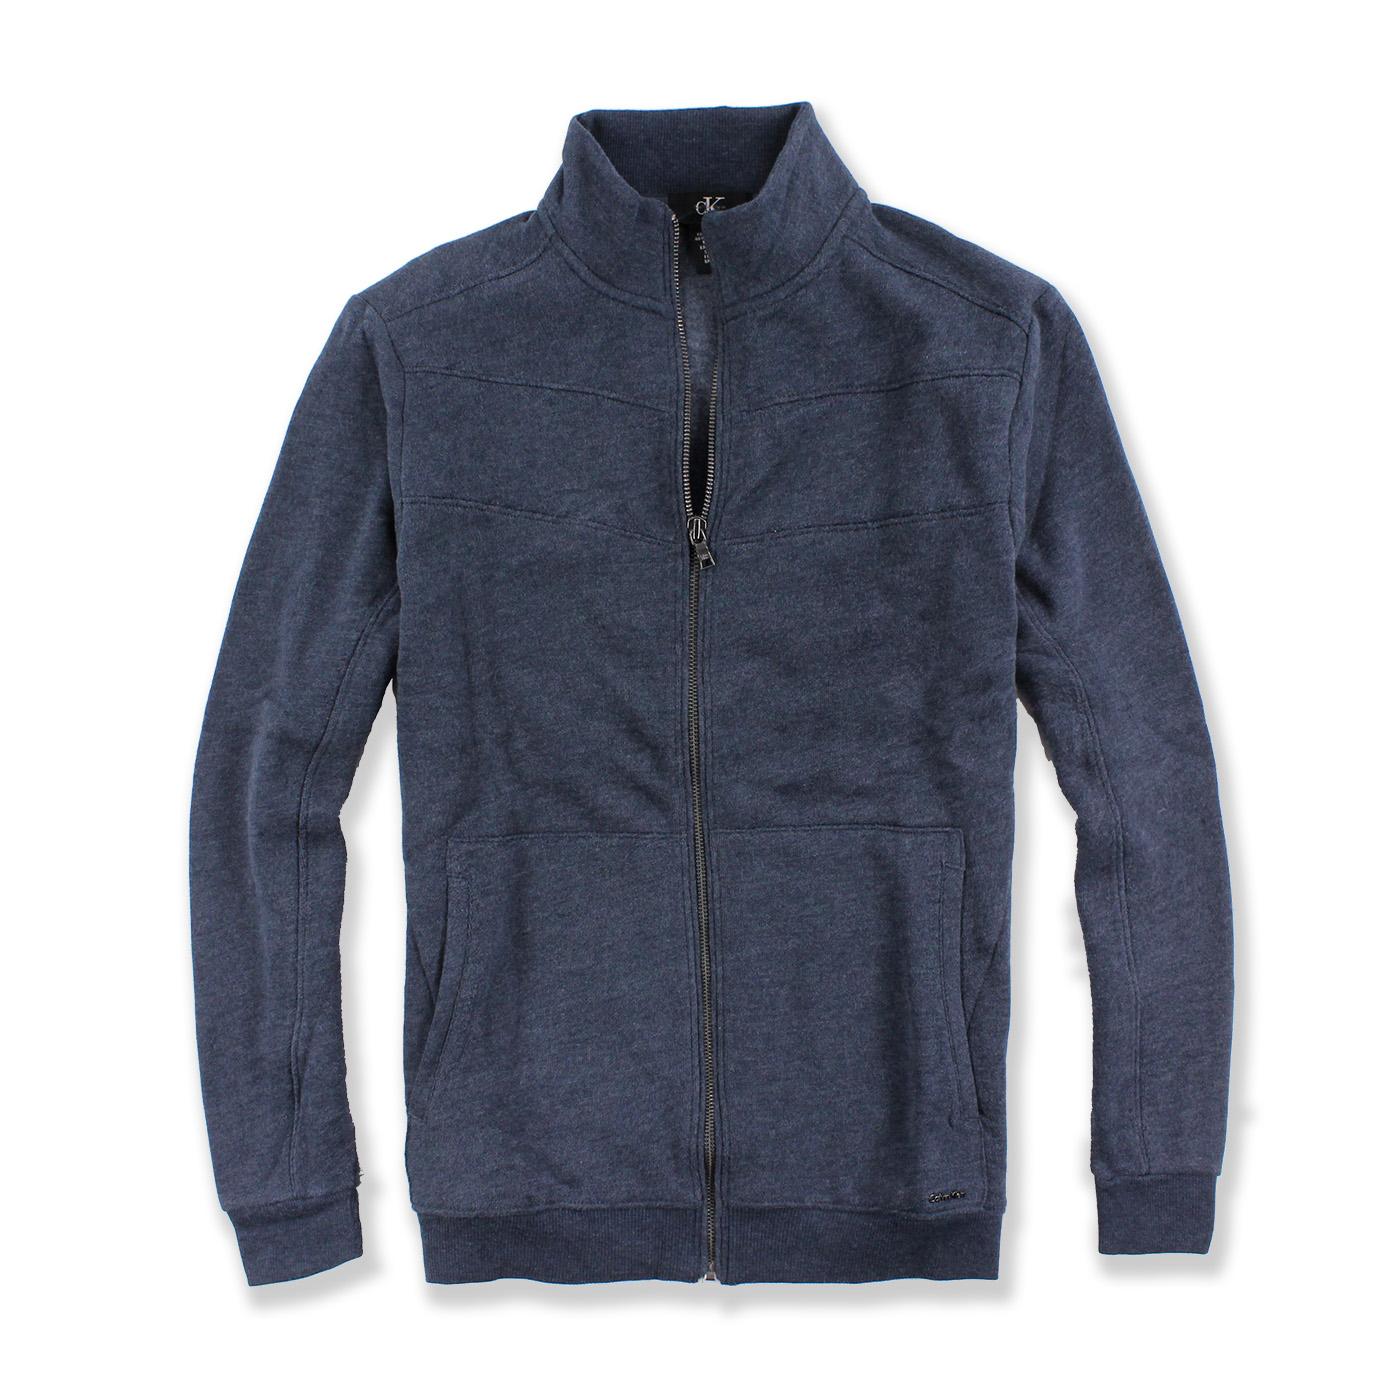 美國百分百【全新真品】Calvin Klein 外套 CK 夾克 立領 騎士 棉質 修身 藍灰色 S號 G039